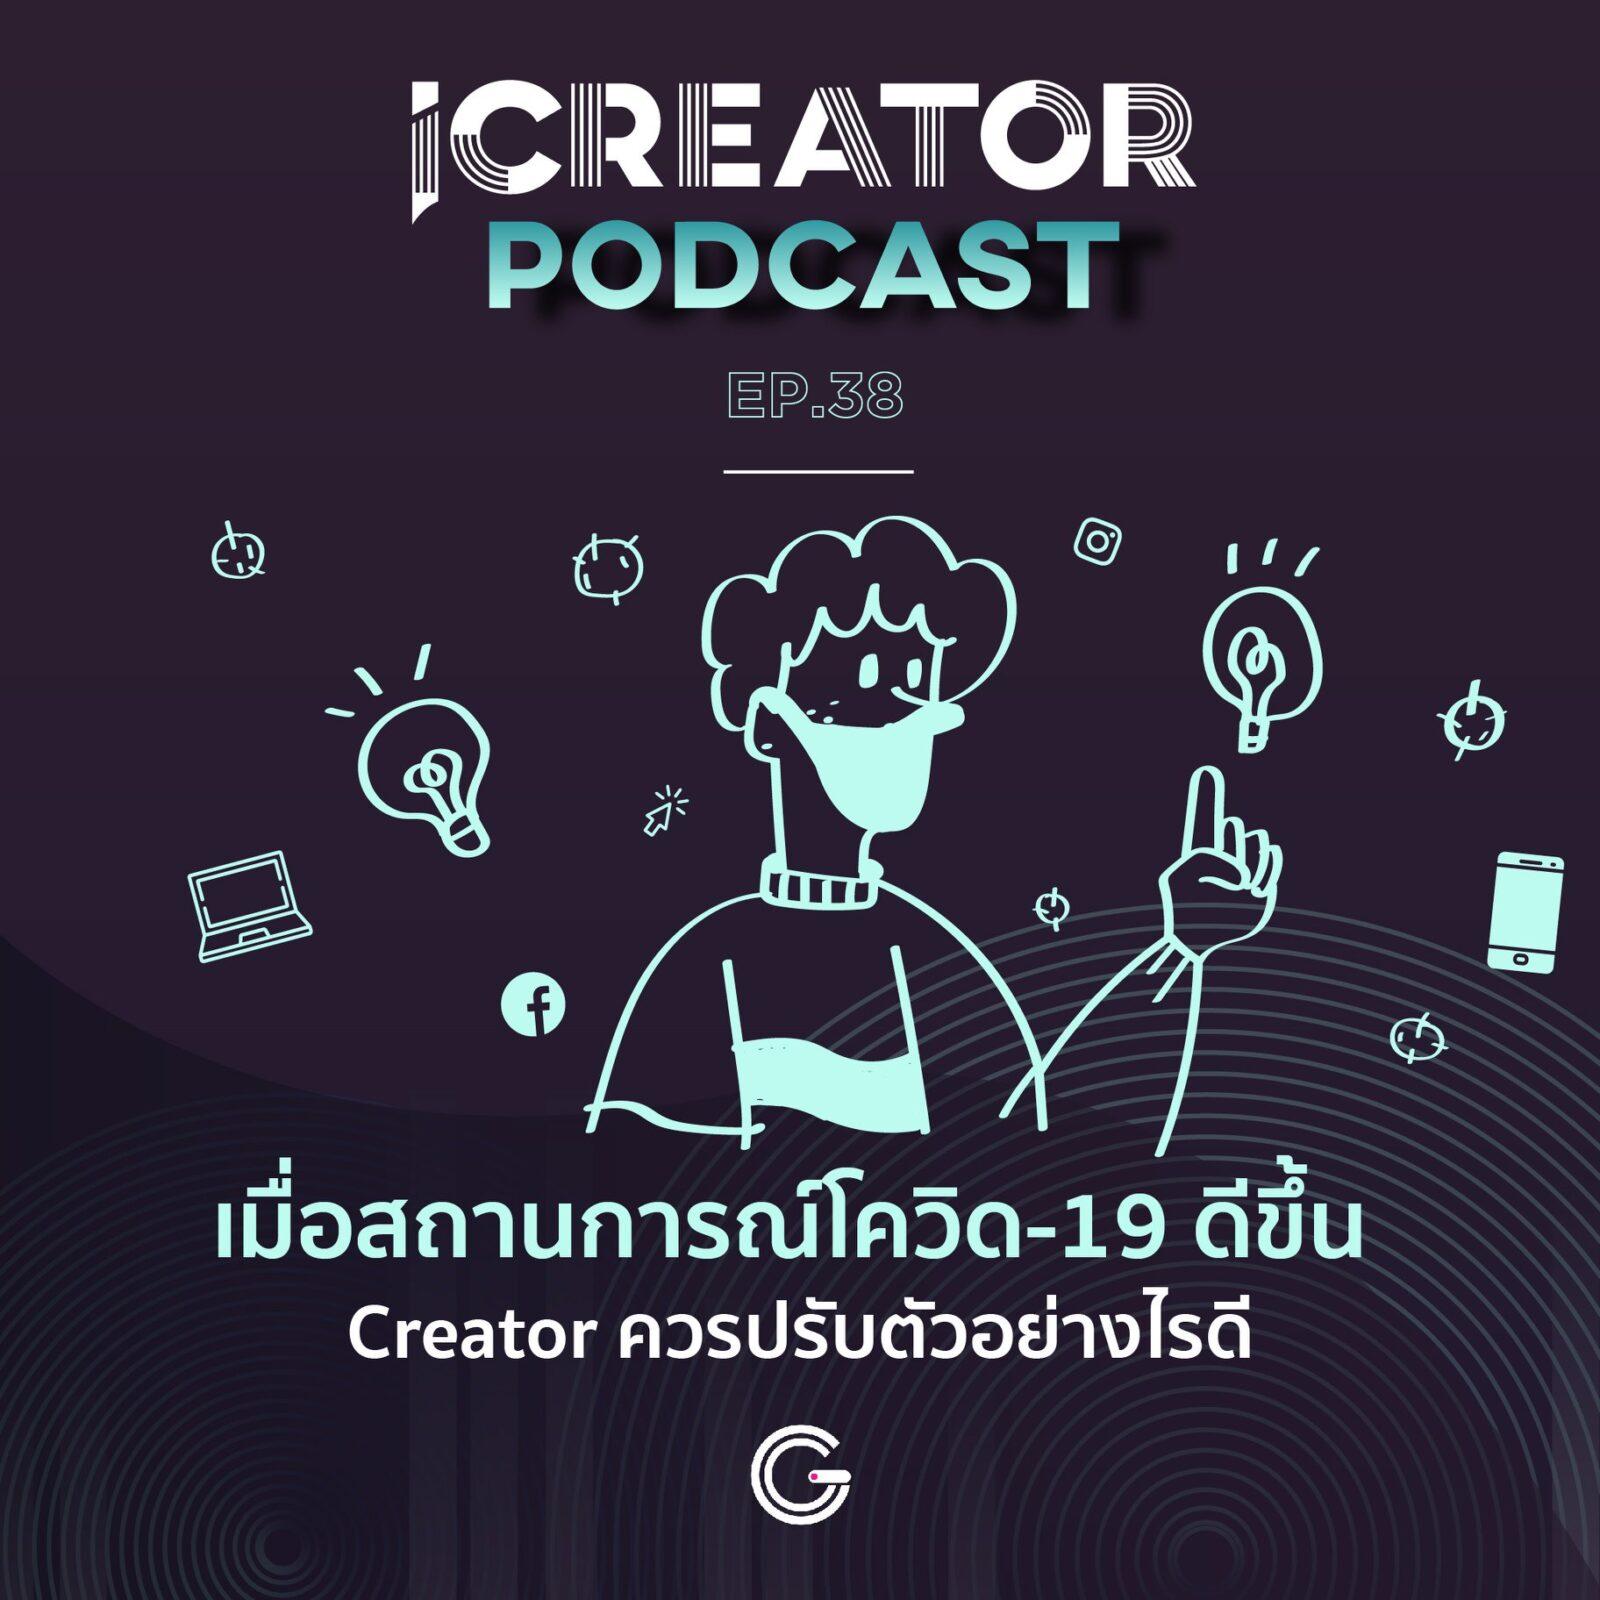 เมื่อสถานการณ์โควิด-19 ดีขึ้น Creator ควรปรับตัวอย่างไรดี